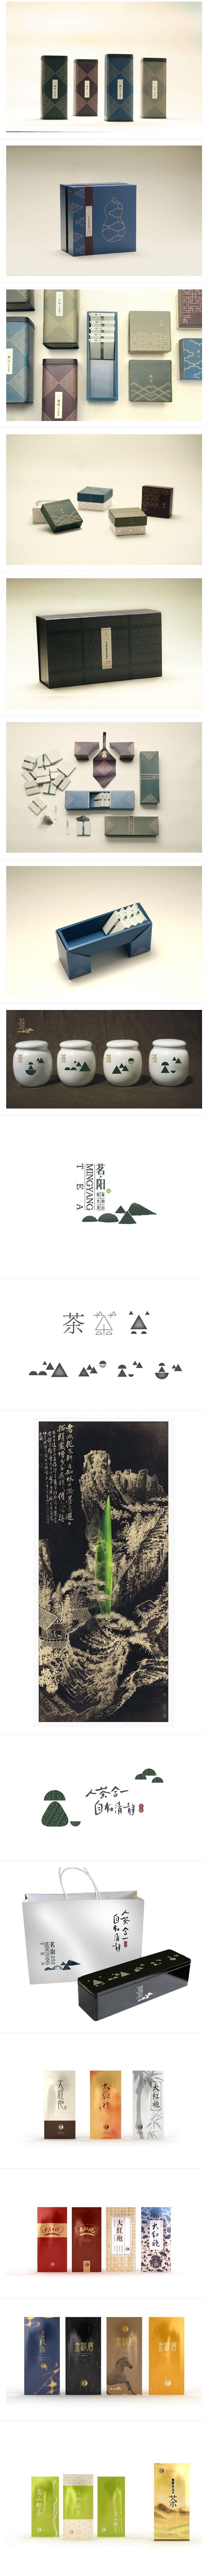 中式茶品牌设计 设计圈 展示 设计时代网...@八戒一枝花采集到laoba(690图)_花瓣平面设计